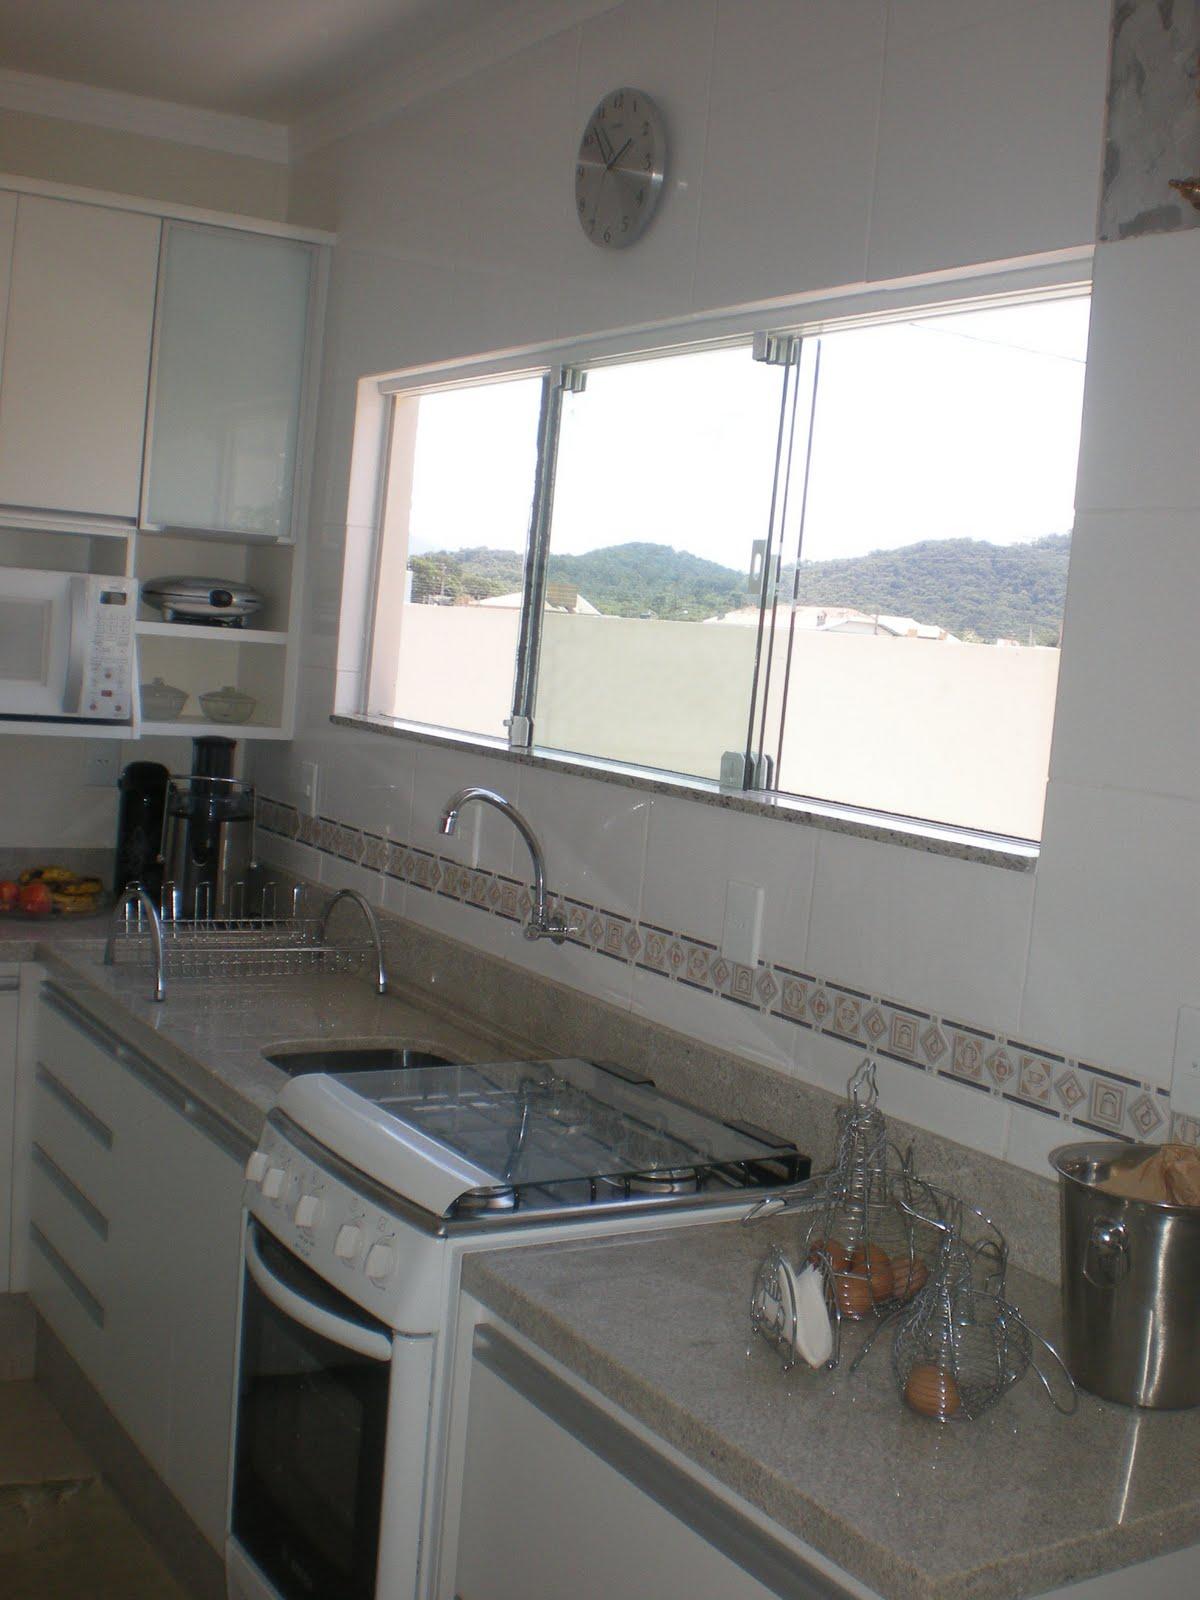 casa e de algumas janelas de cozinhas que vi pela net essa é a janela  #586473 1200 1600